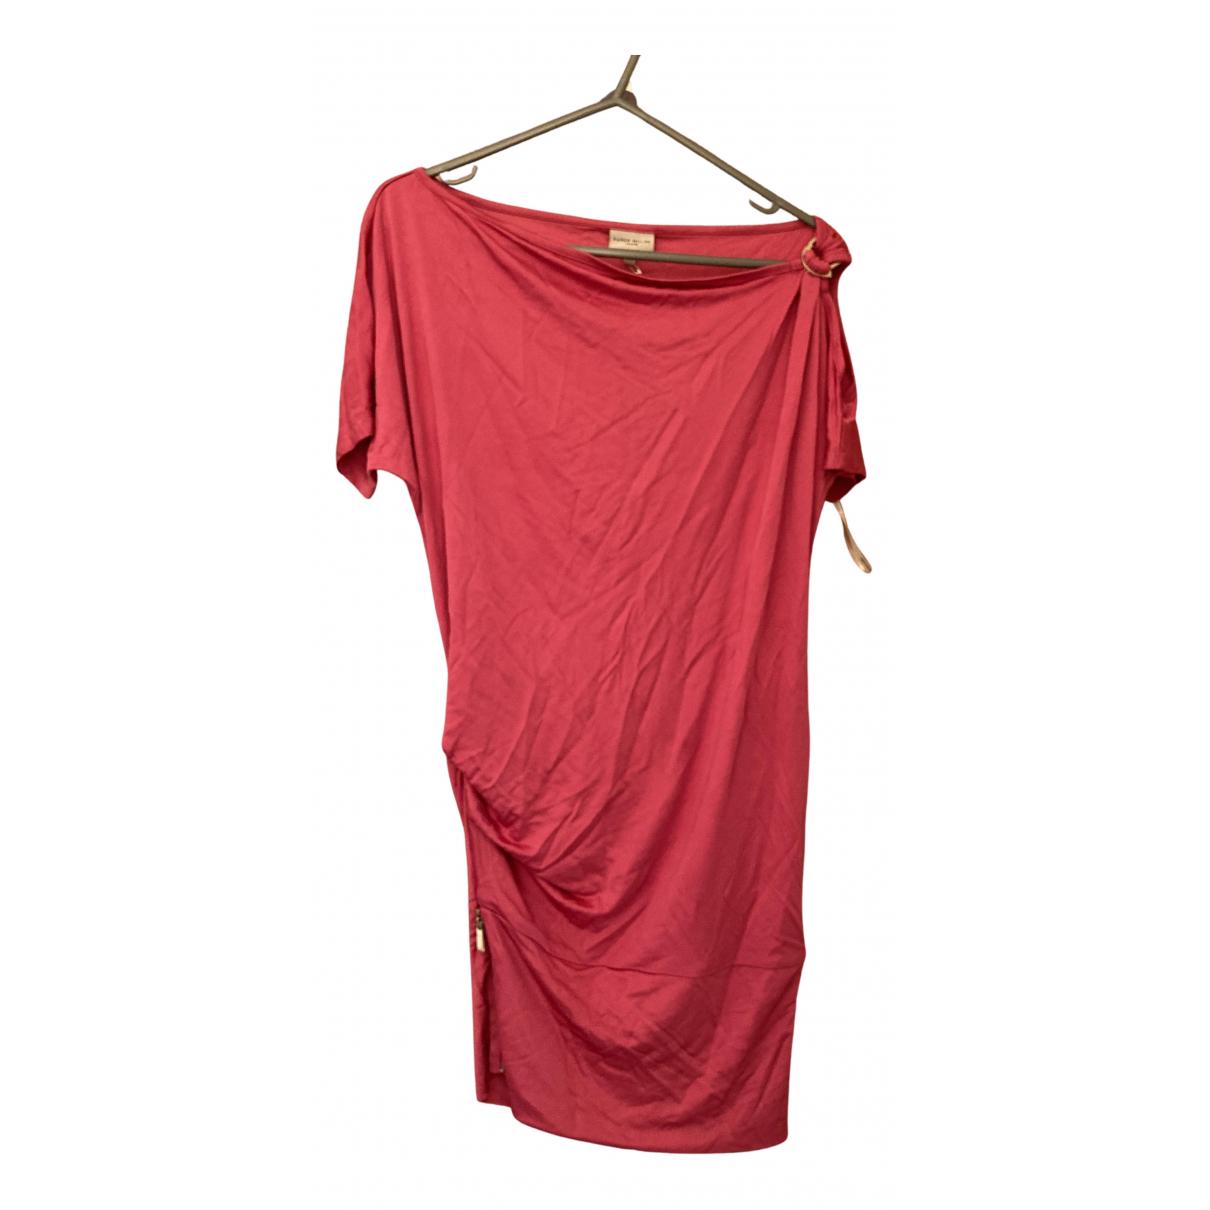 Karen Millen \N Kleid in  Rosa Polyester